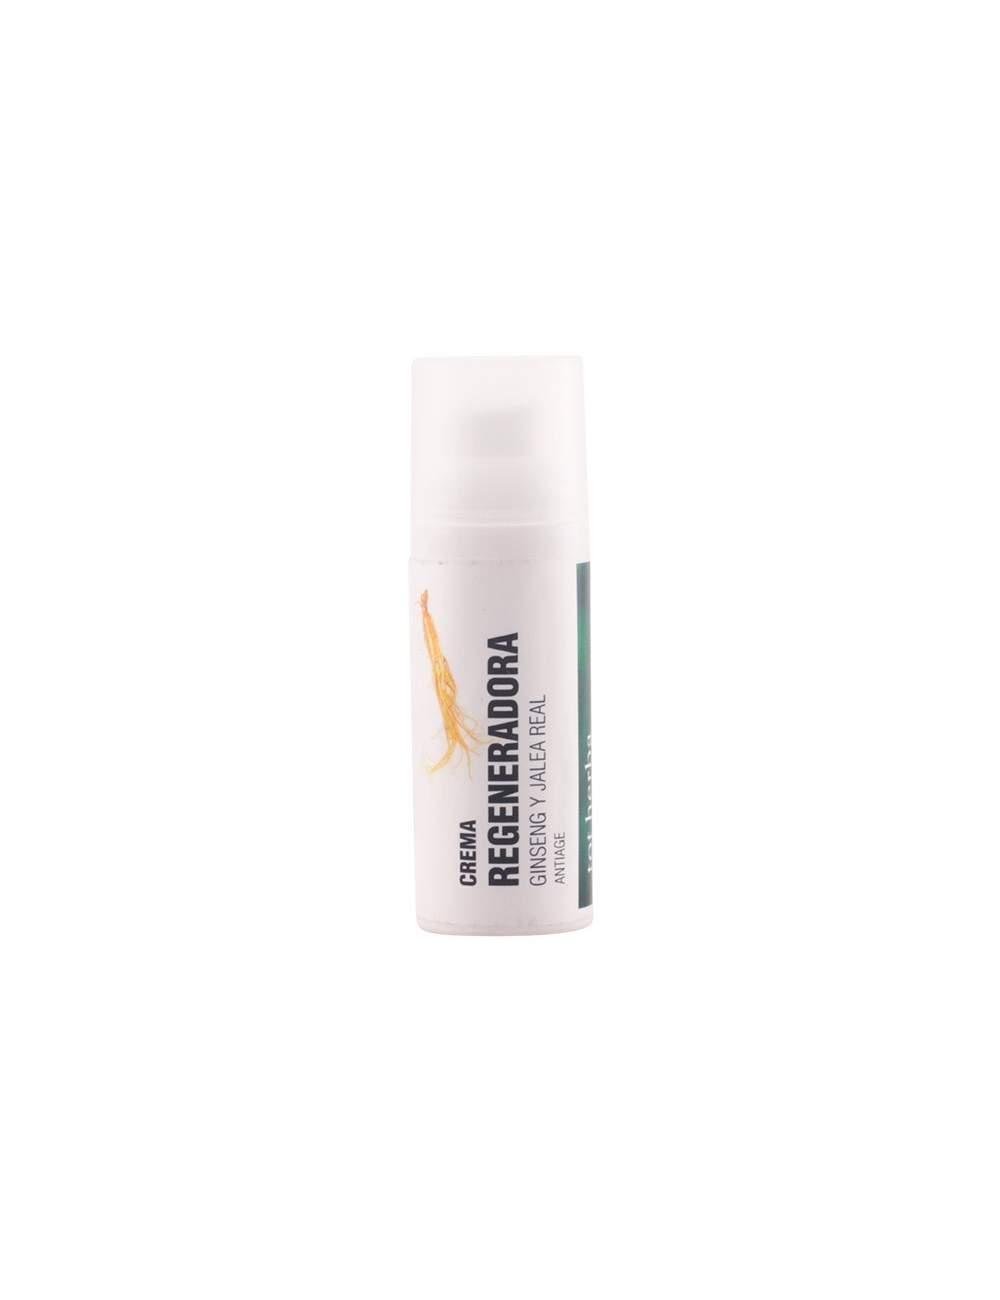 Crema Facial Regeneradora Natural de Ginseng y Jalea. Tot Herbá.